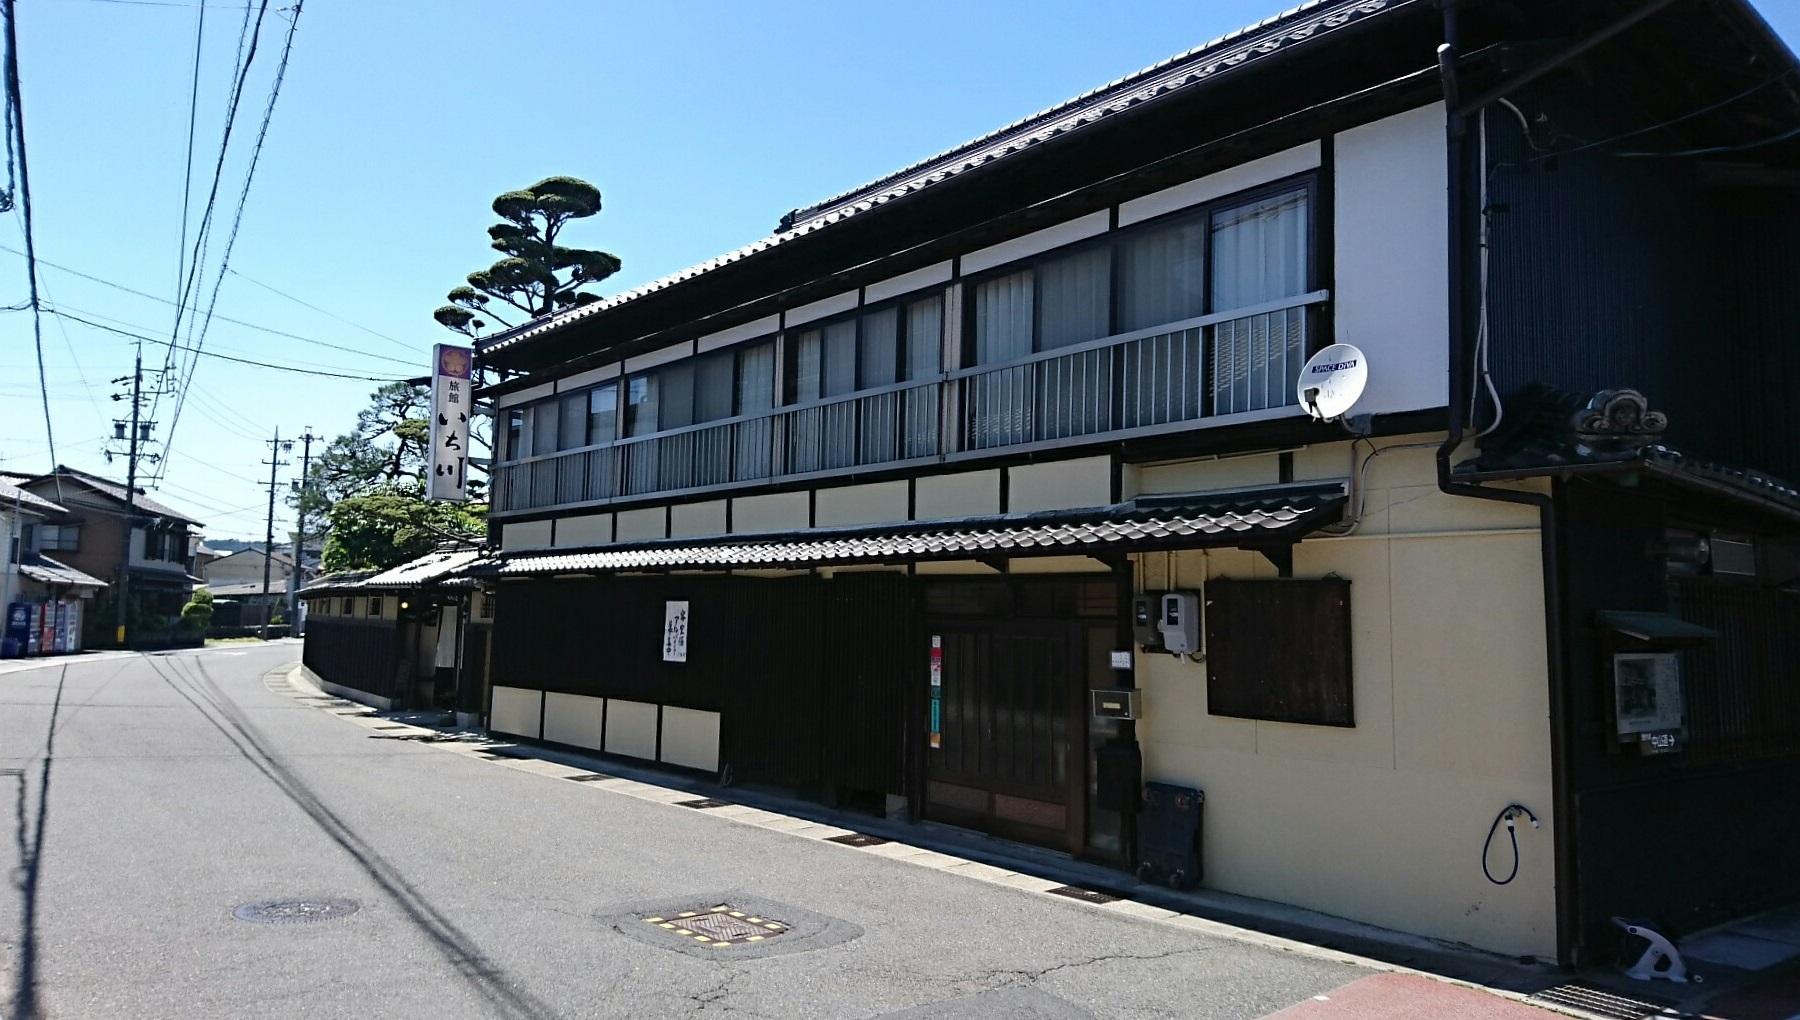 2017.5.19 大井 (56) 中山道 - 旅館いち川 1800-1020